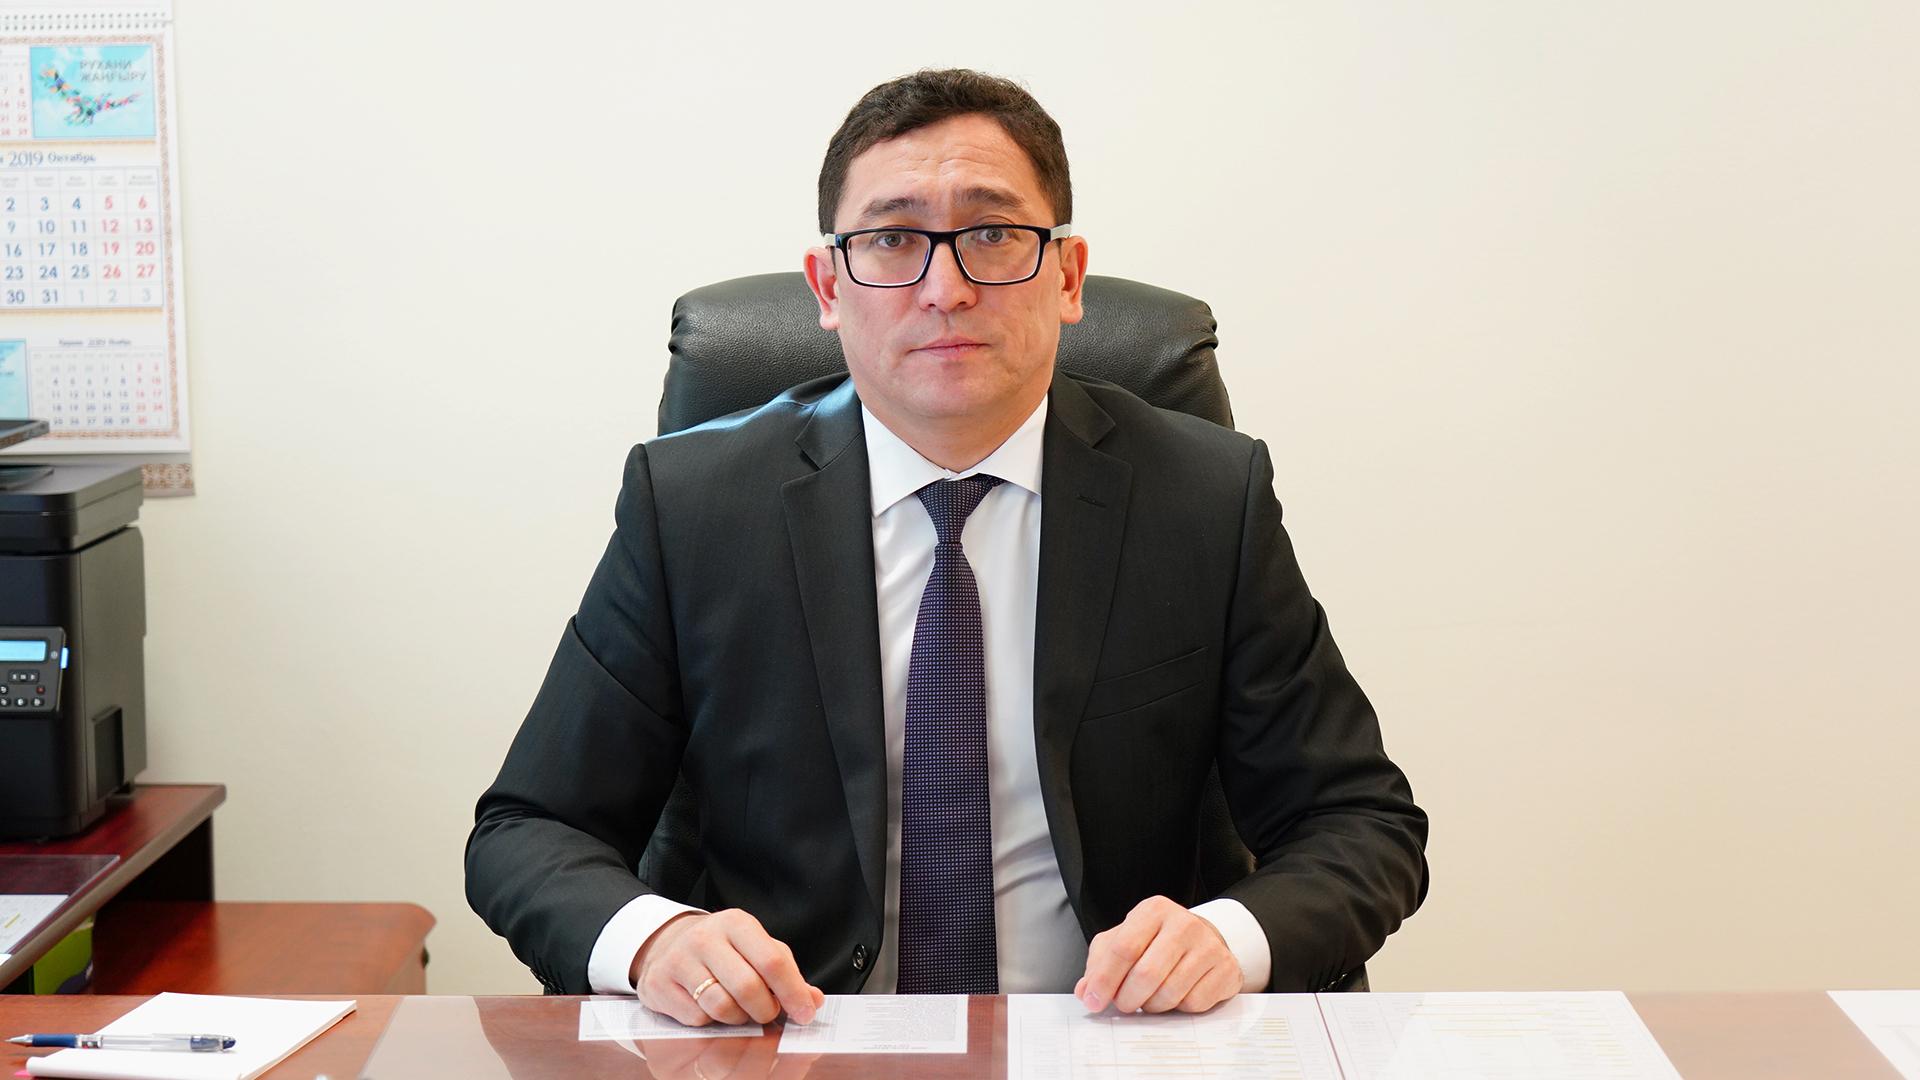 ҚР премьер-министрінің кеңсесі басшысының орынбасары тағайындалды